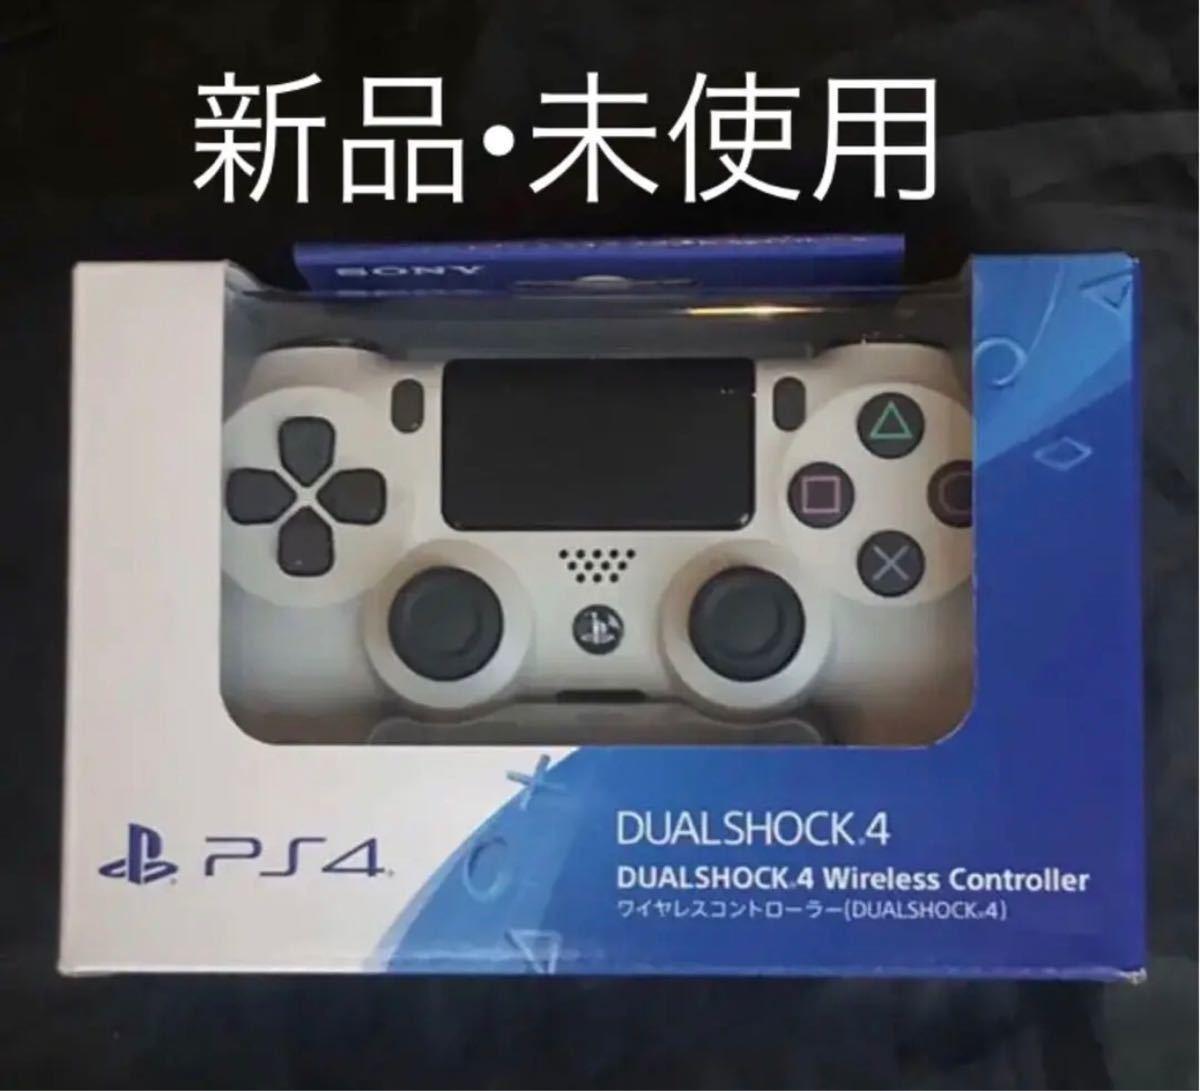 PS4 ワイヤレスコントローラー DUALSHOCK4 グレイシャホワイト